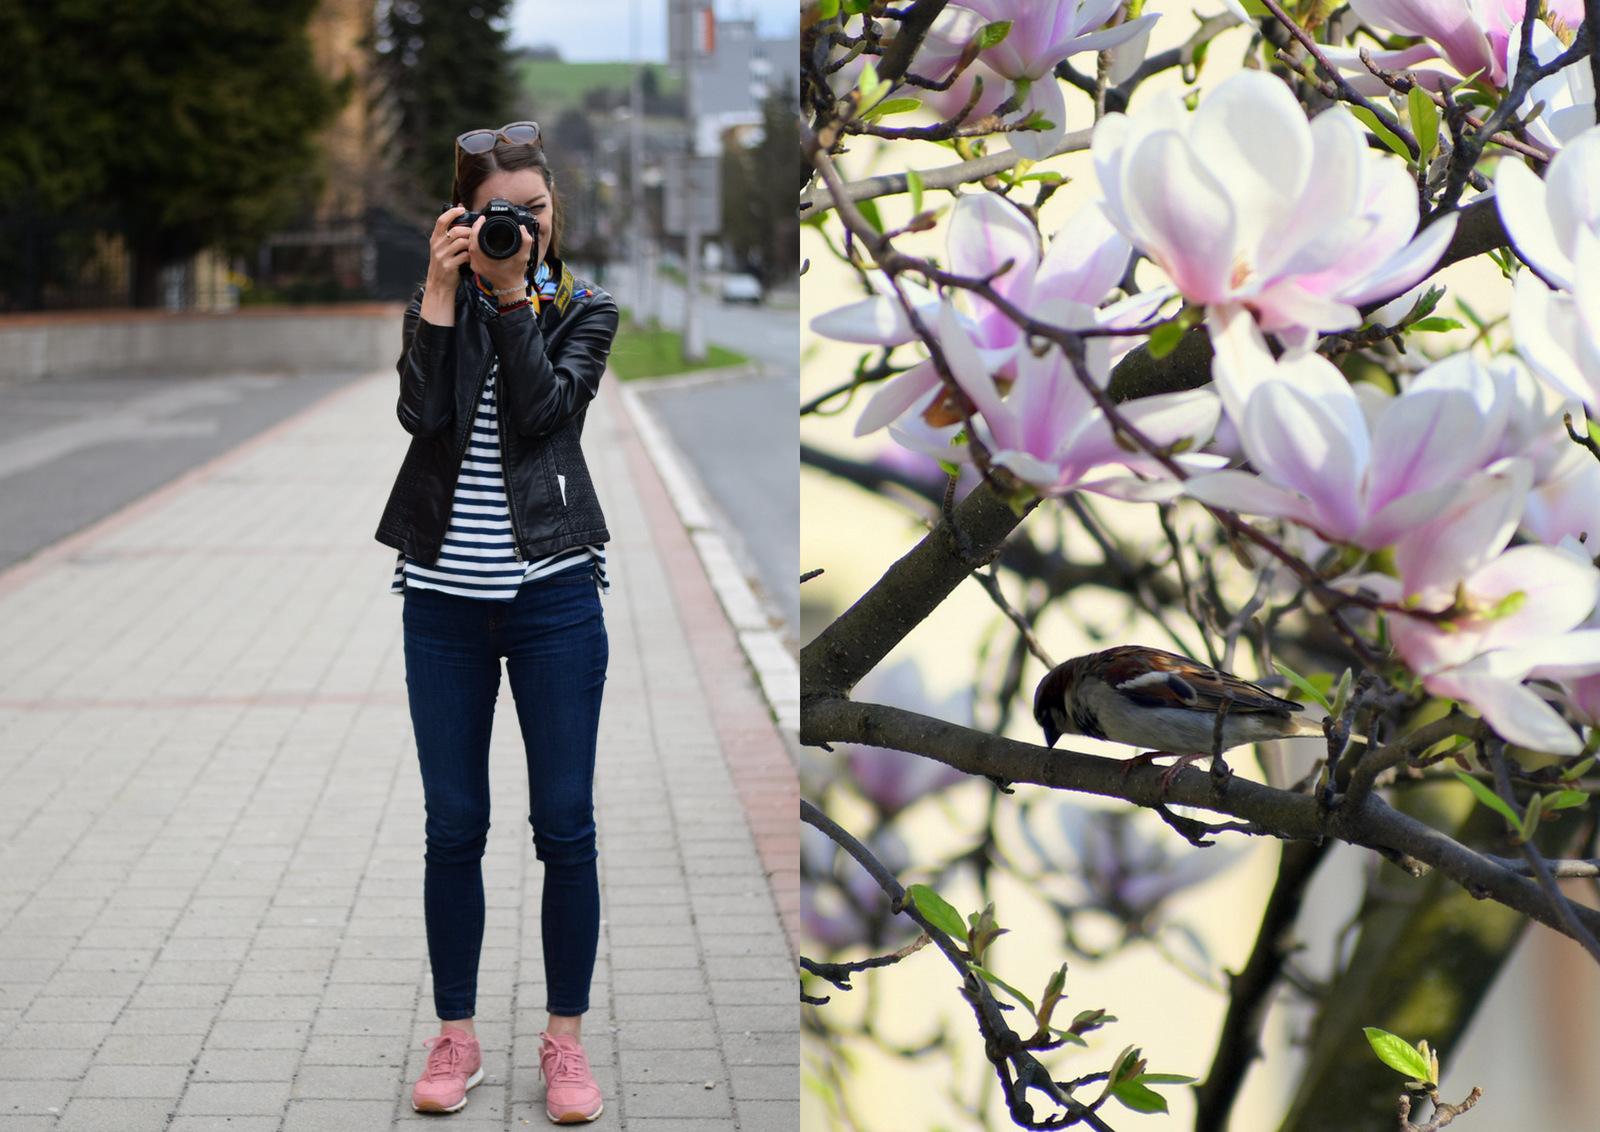 prebúdzajúca sa príroda mojimi očami // Nikon D500 s objektívom 70-300 mm f/4.5 – 5.6